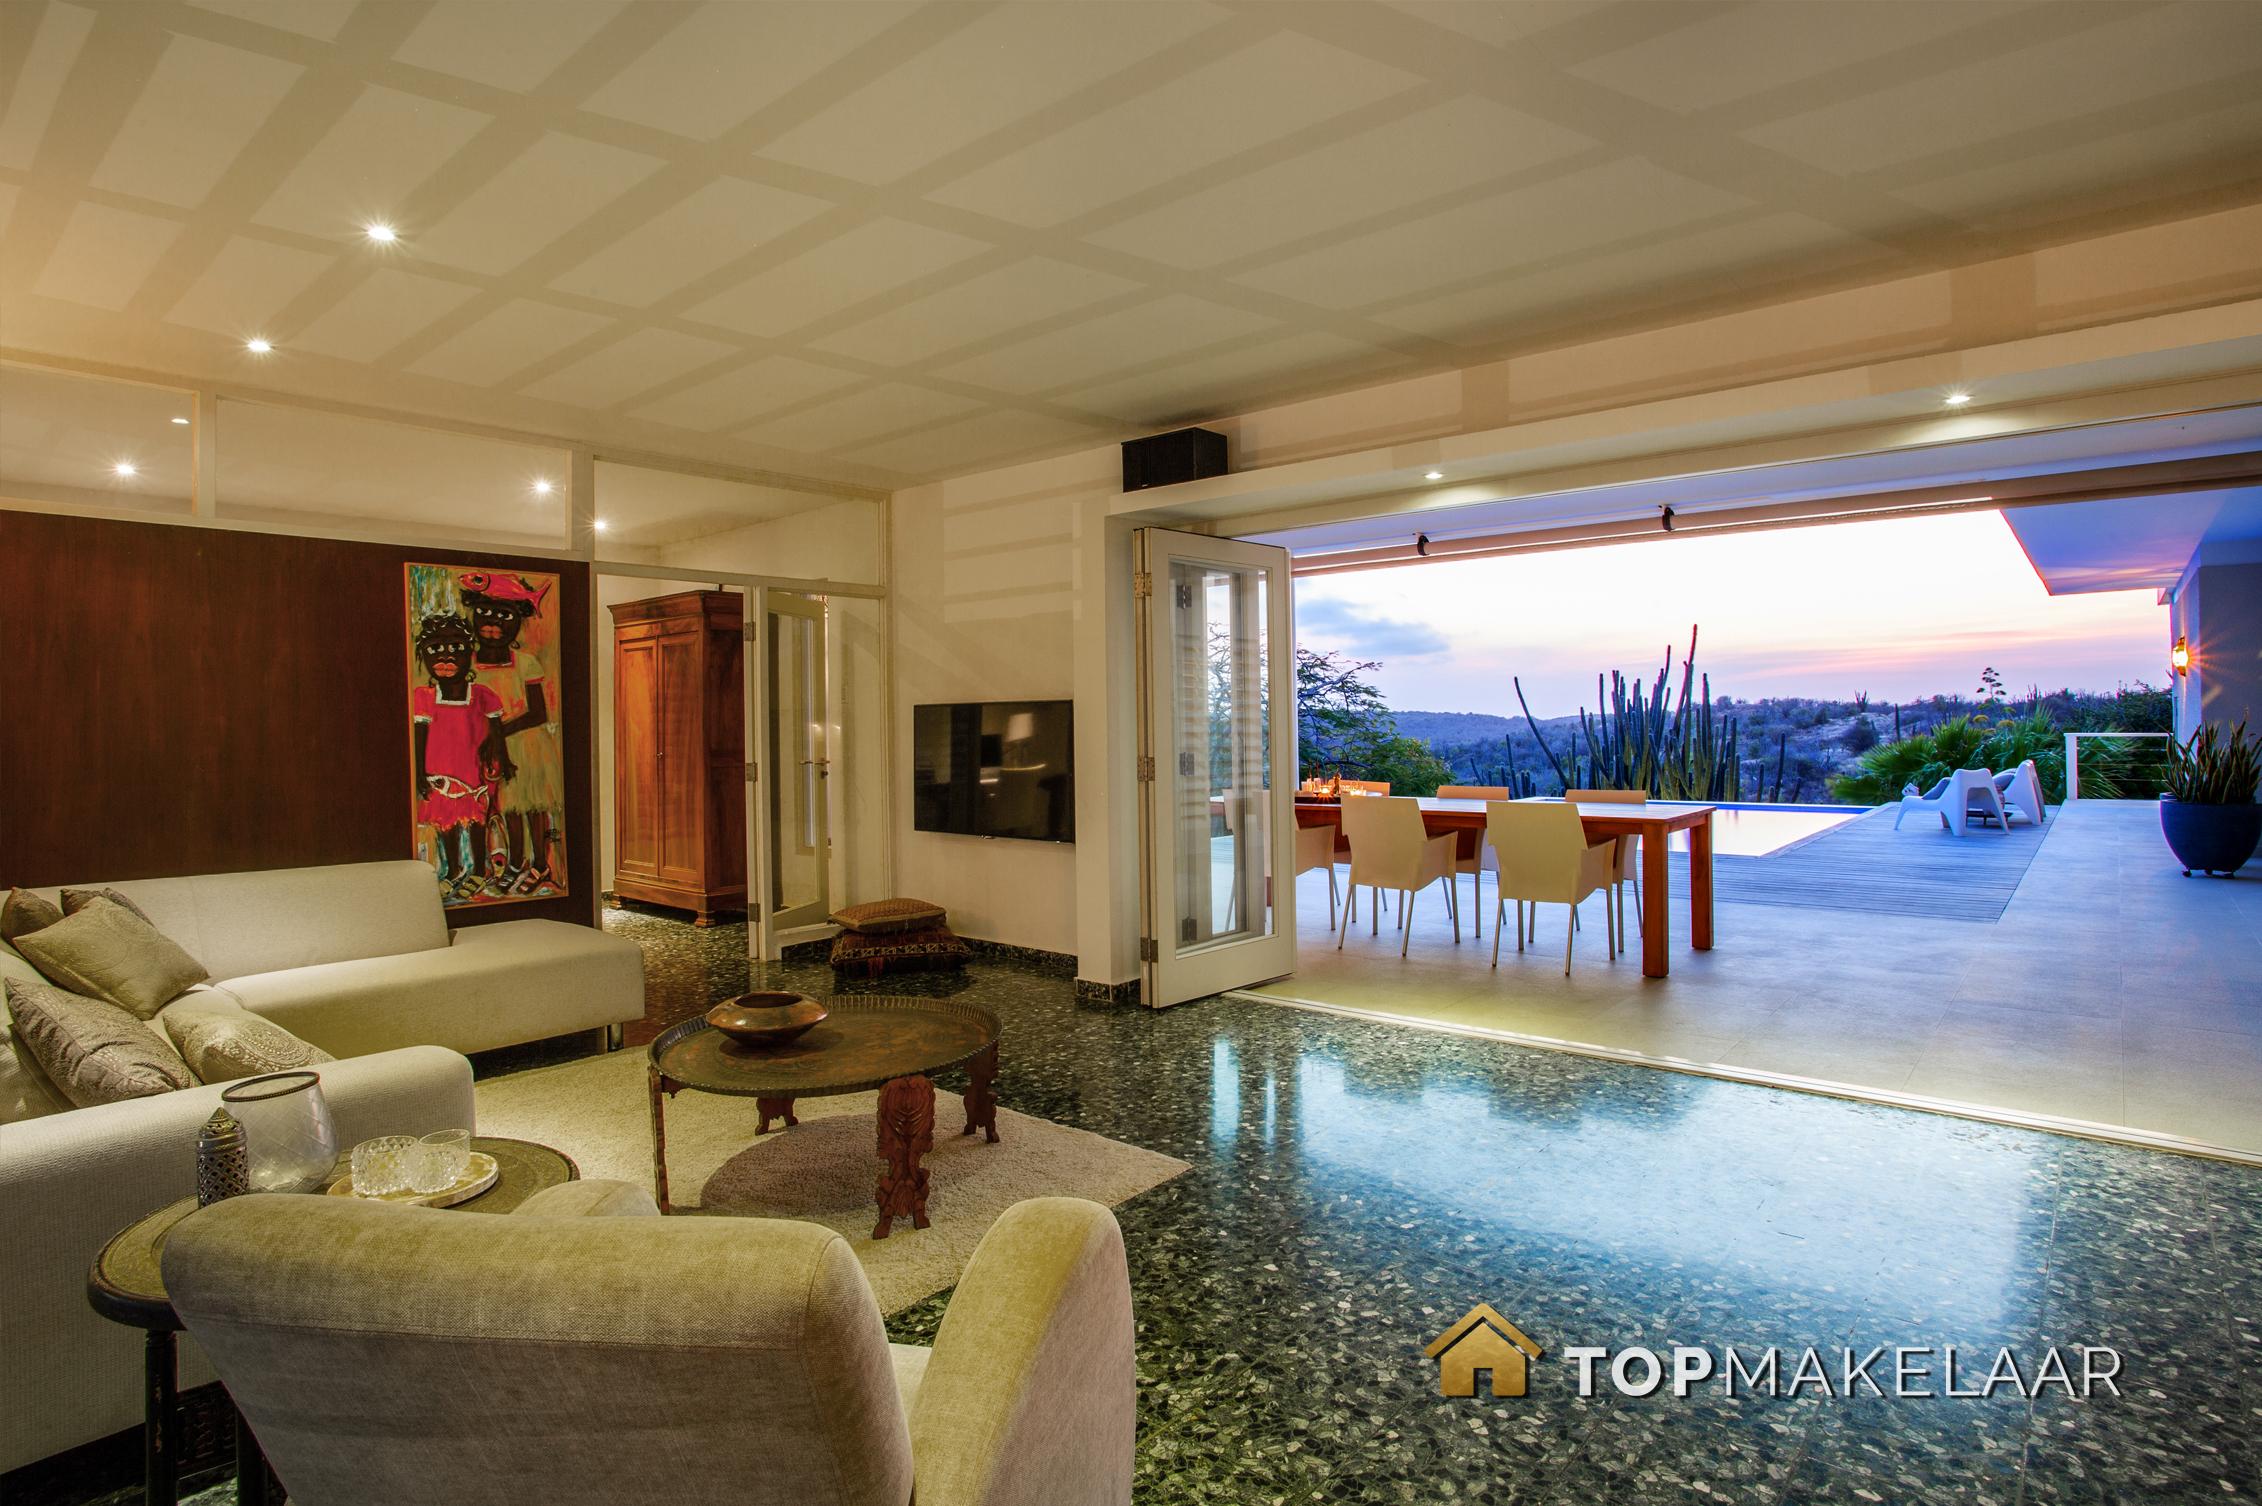 Prachtige onder architectuur gebouwde villa